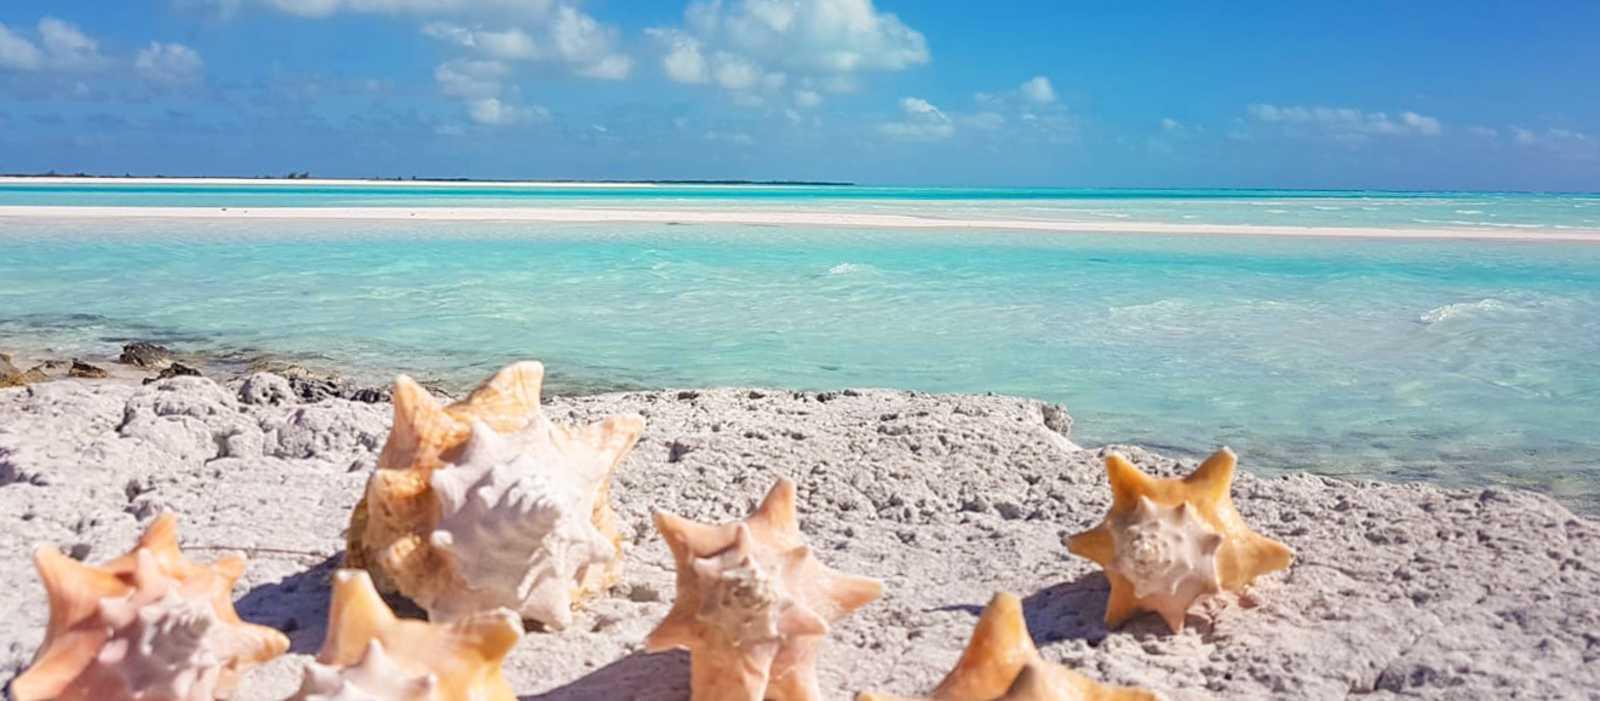 Karibiktraum Bahamas